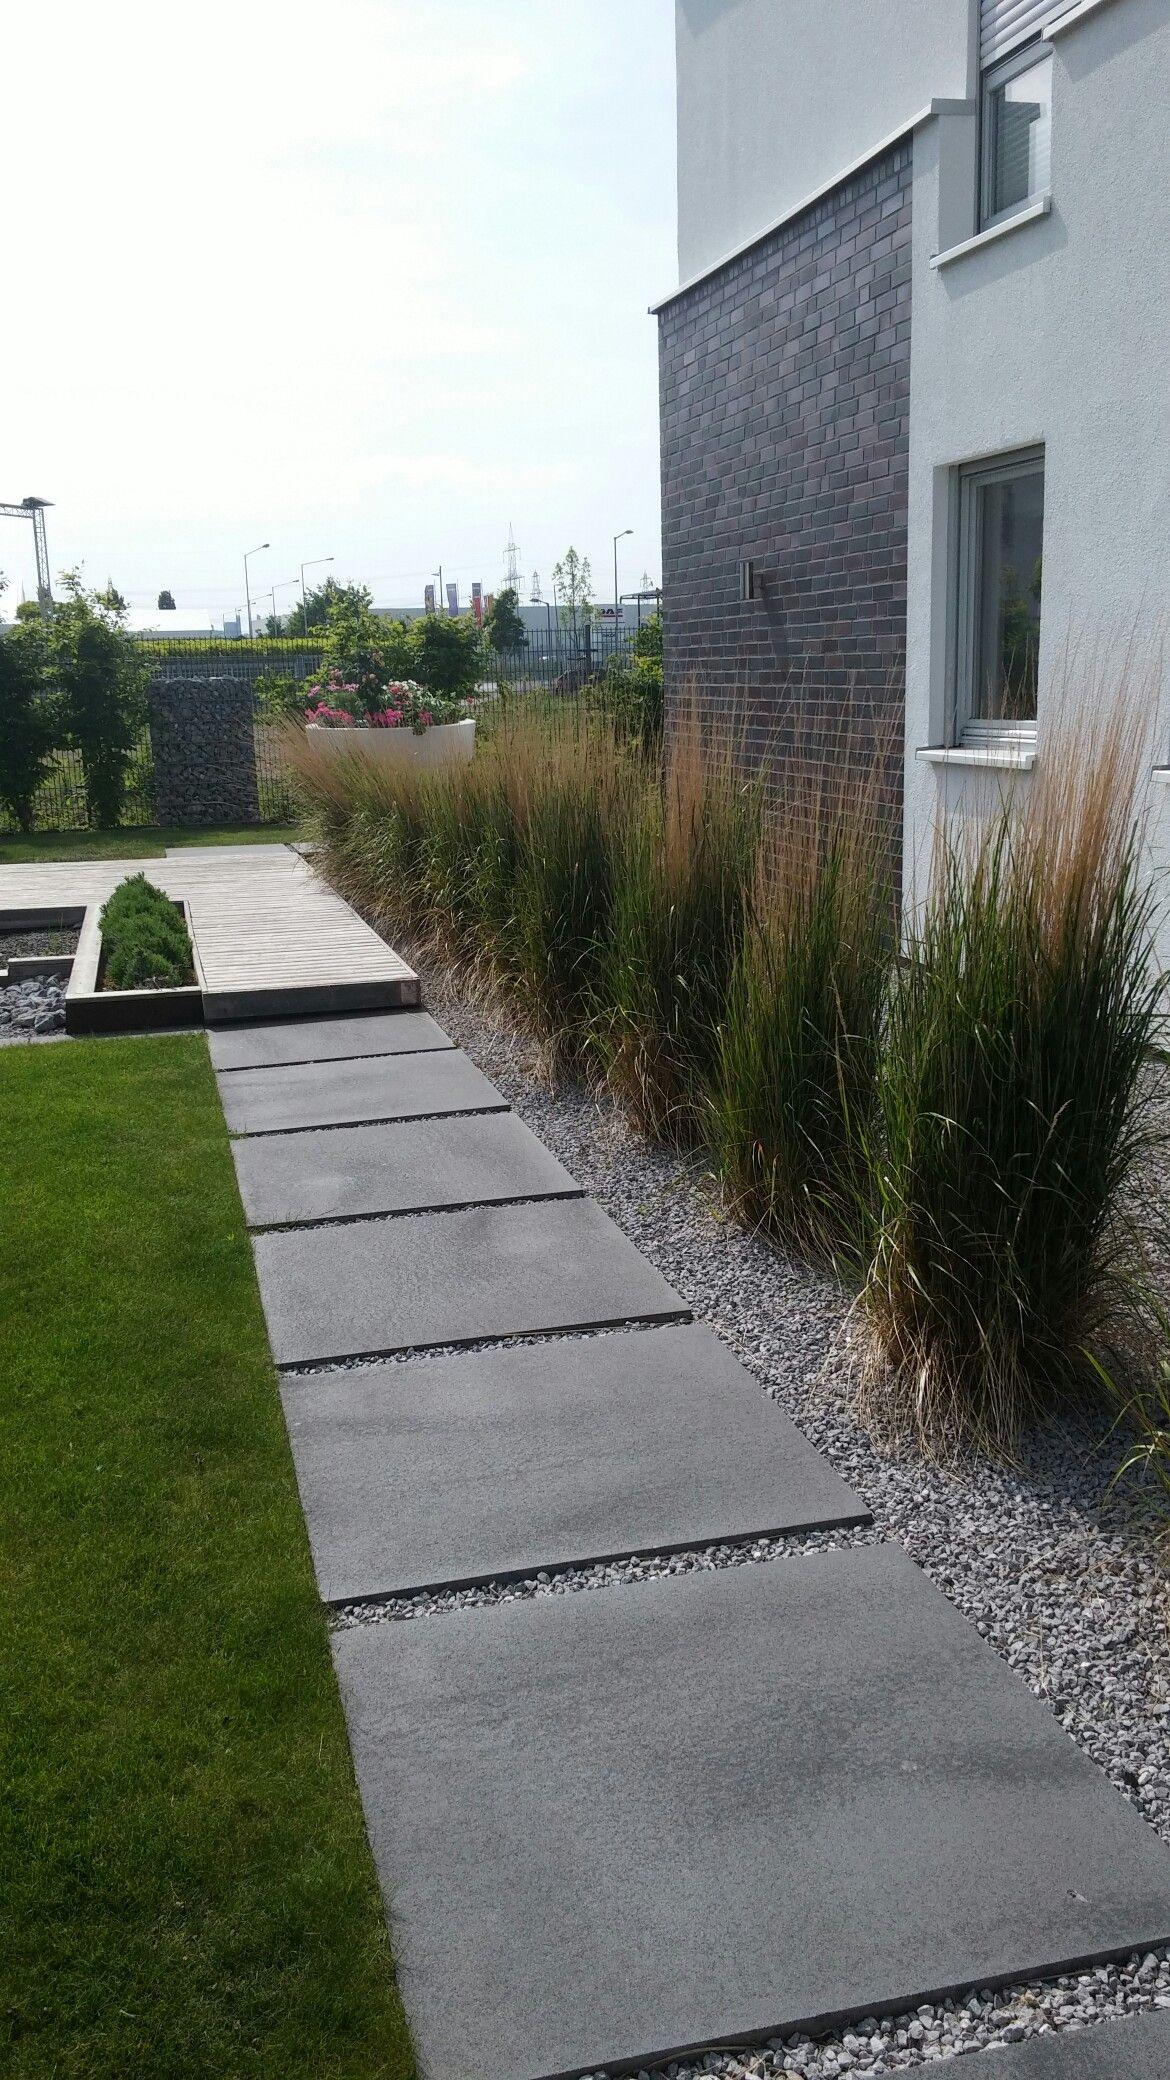 Pin von Fduj auf OUTDOOR   Garten, Haus und garten, Garten ideen